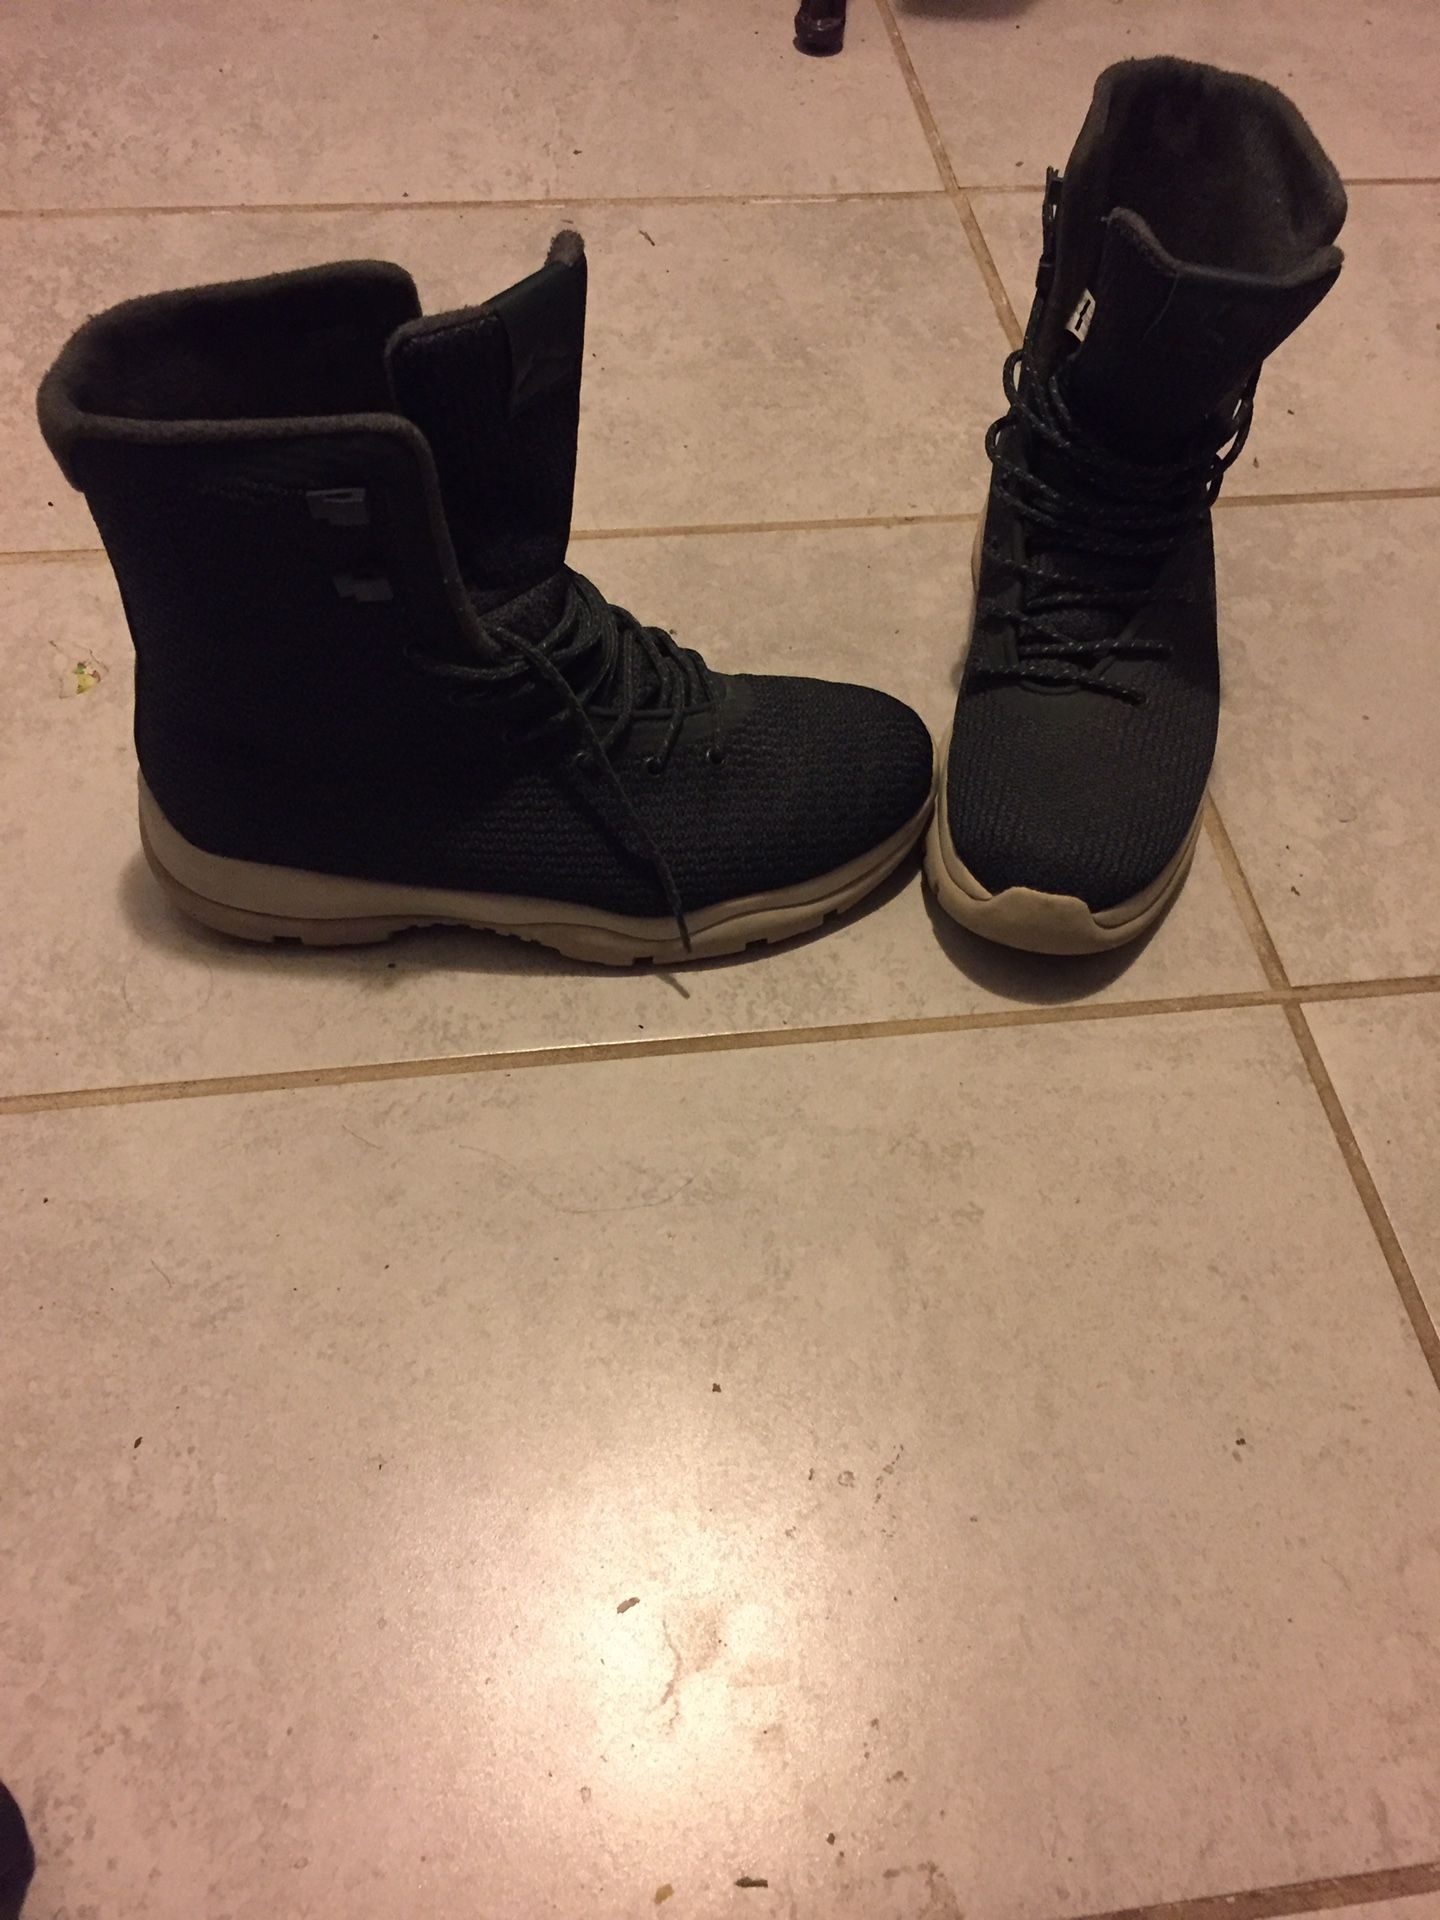 Jordan boots 11.5